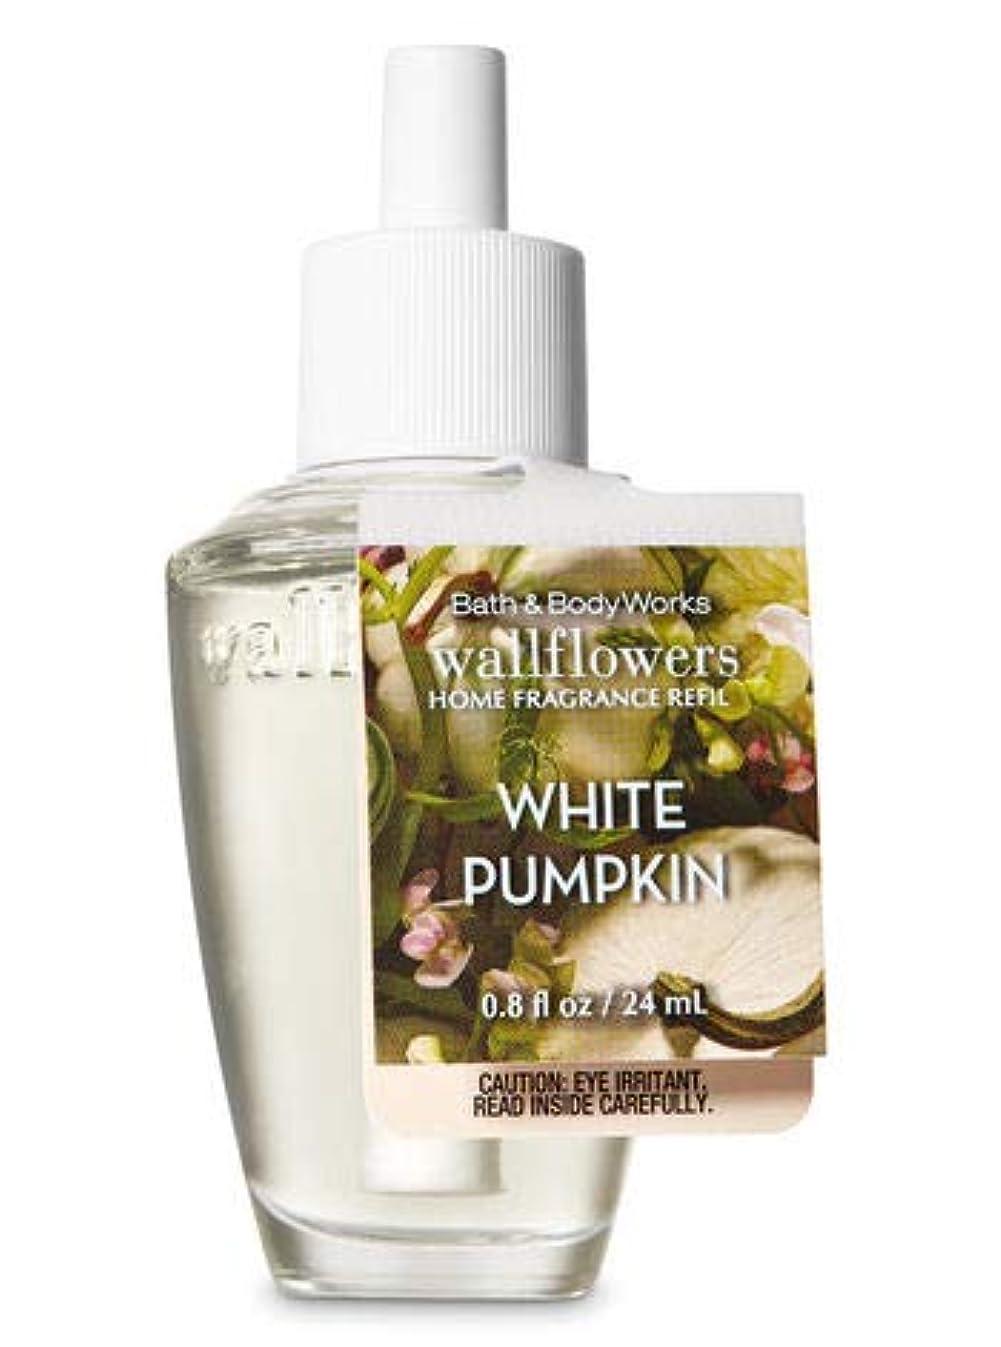 順応性のある口述デンマーク語【Bath&Body Works/バス&ボディワークス】 ルームフレグランス 詰替えリフィル ホワイトパンプキン Wallflowers Home Fragrance Refill White Pumpkin [並行輸入品]